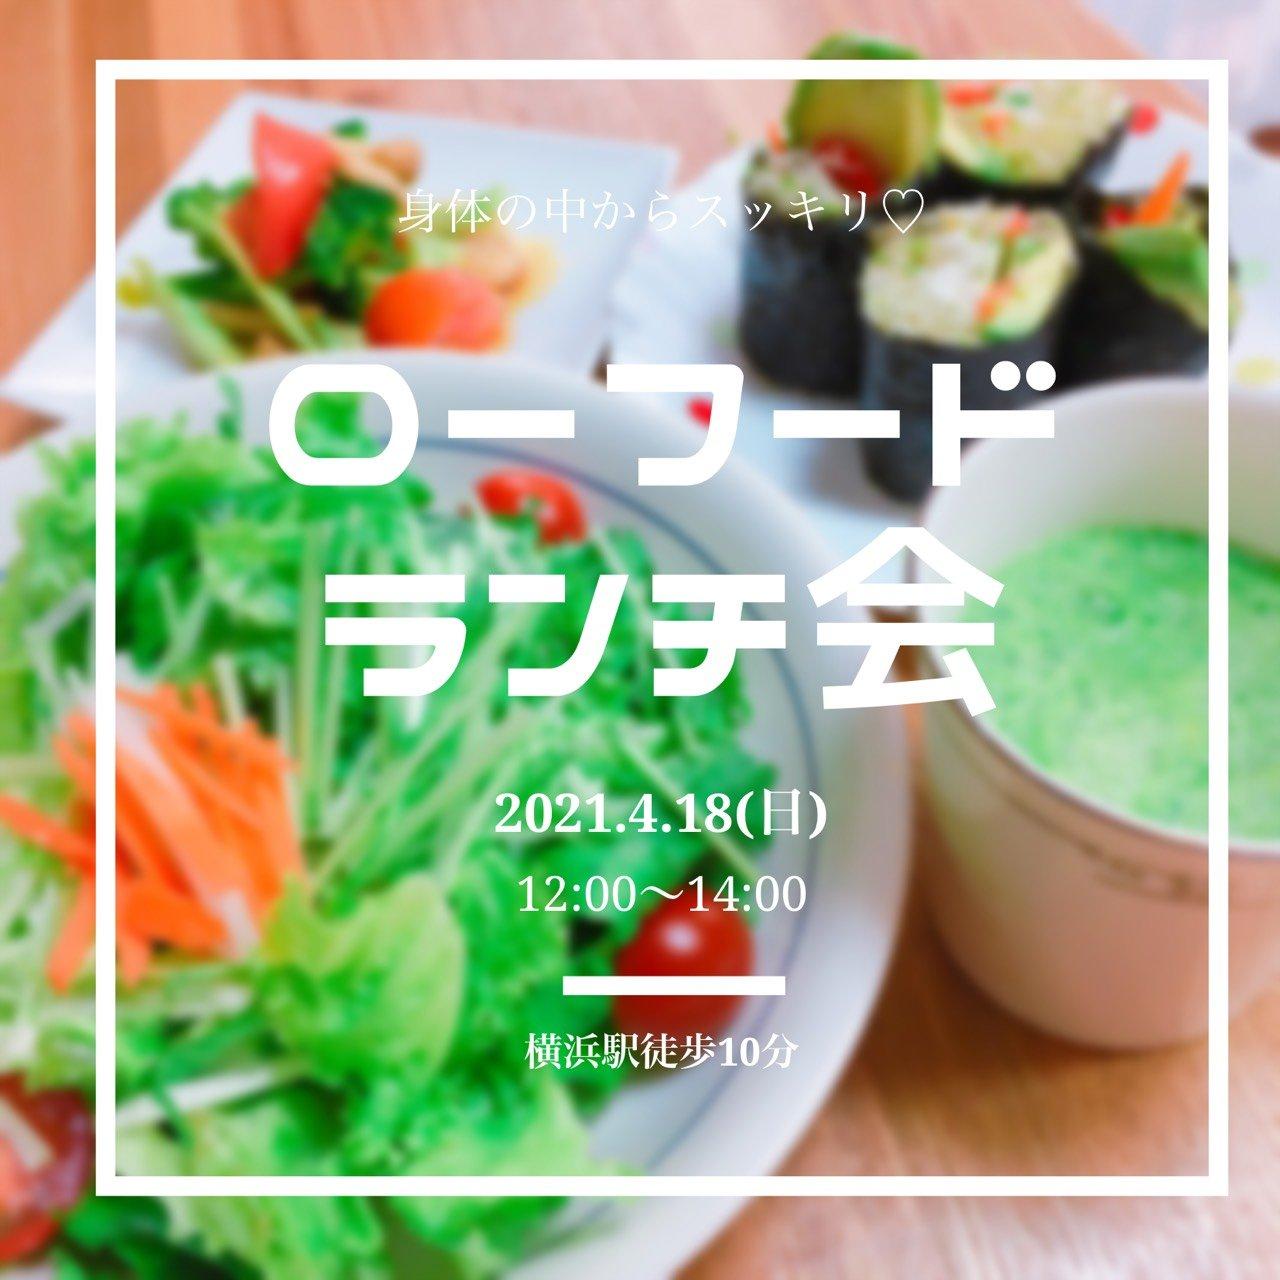 【4月18日(日)】春のローフードランチ会(ヒラソル・ローフードスクール横浜校)のイメージその1